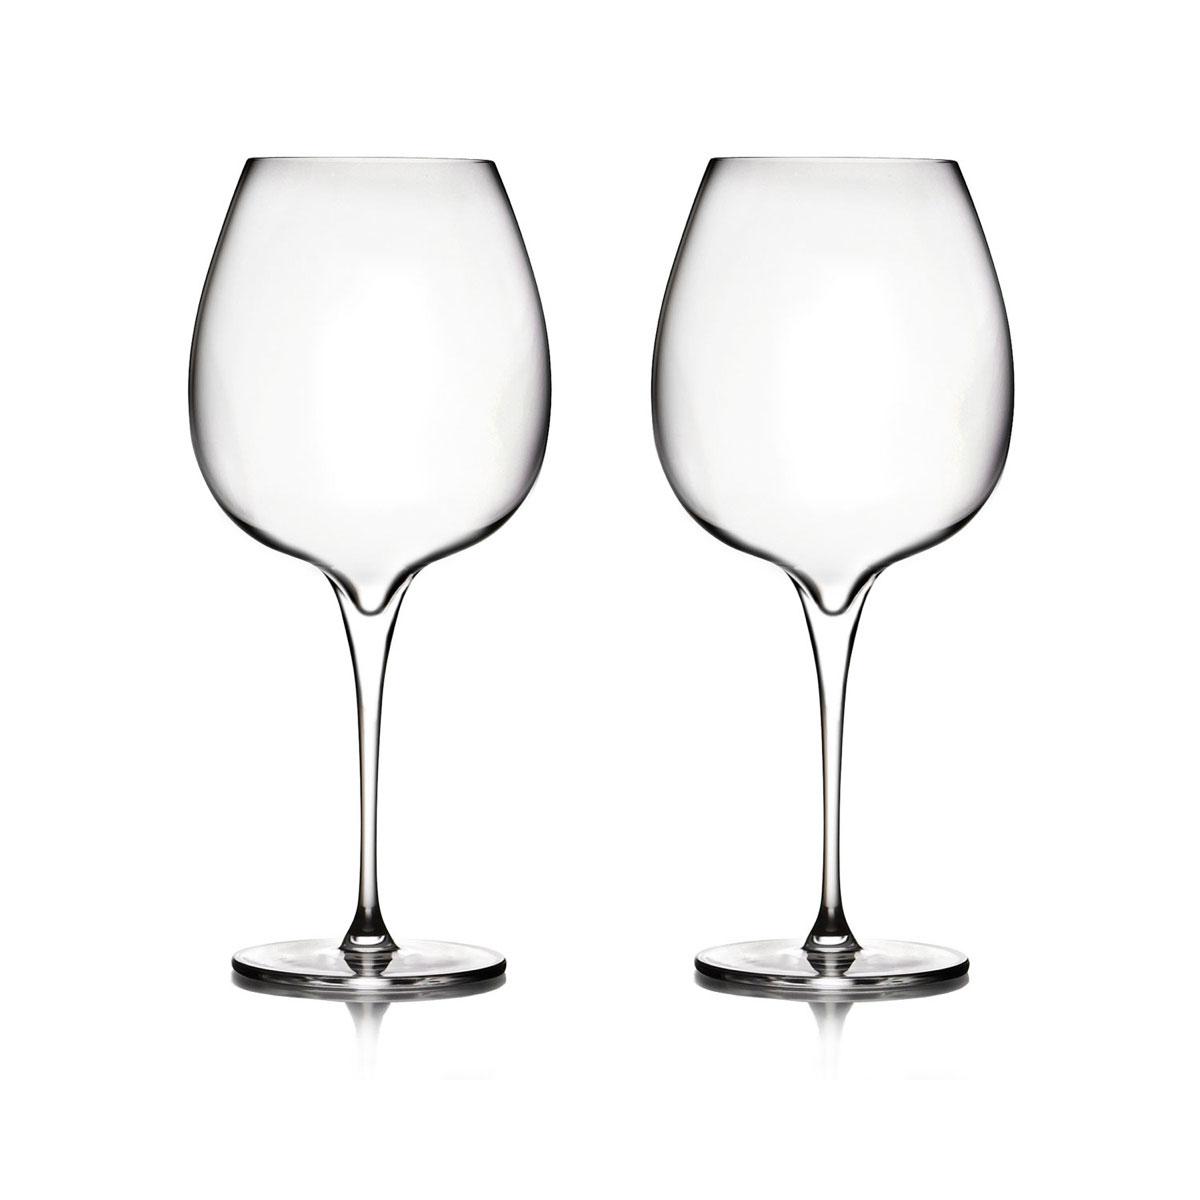 Nambe Vie Pinot Noir Wine Glasses, Pair